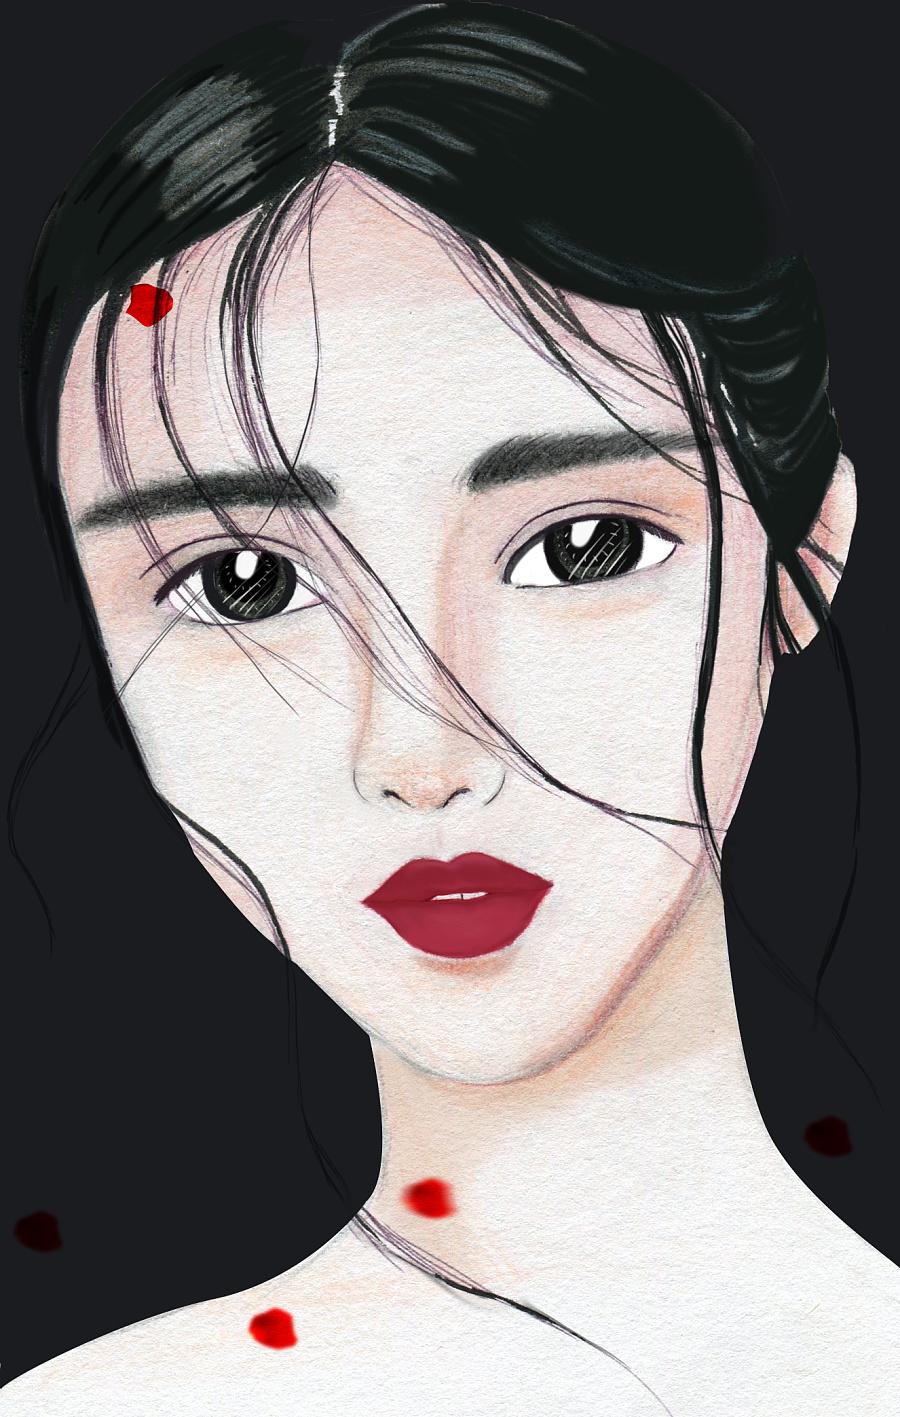 原创作品:彩铅手绘美女